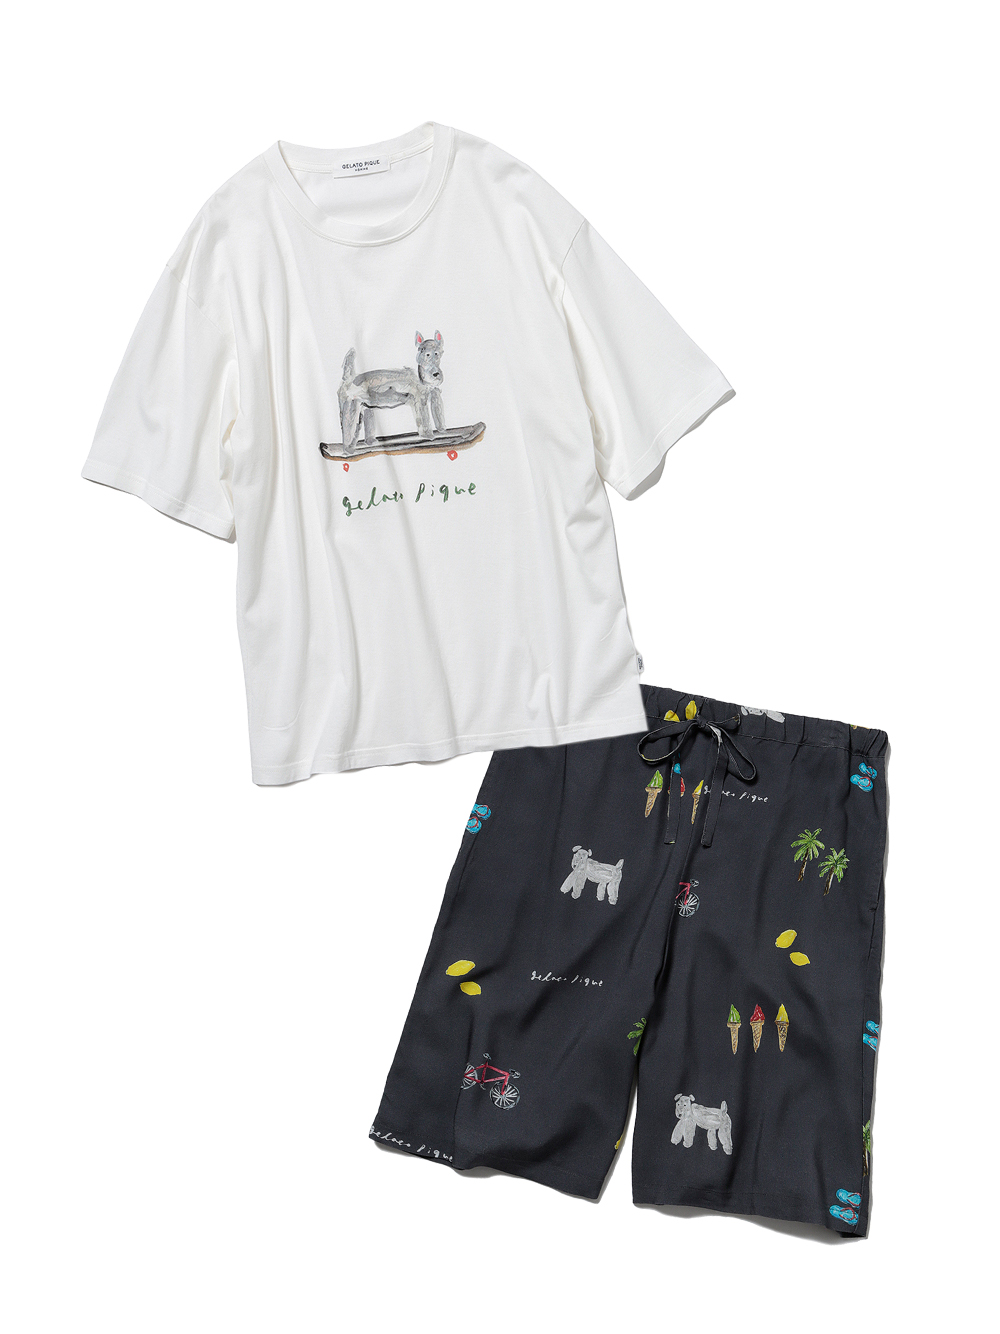 【ラッピング】【HOMME】サマーモチーフ柄Tシャツ&ハーフパンツSET